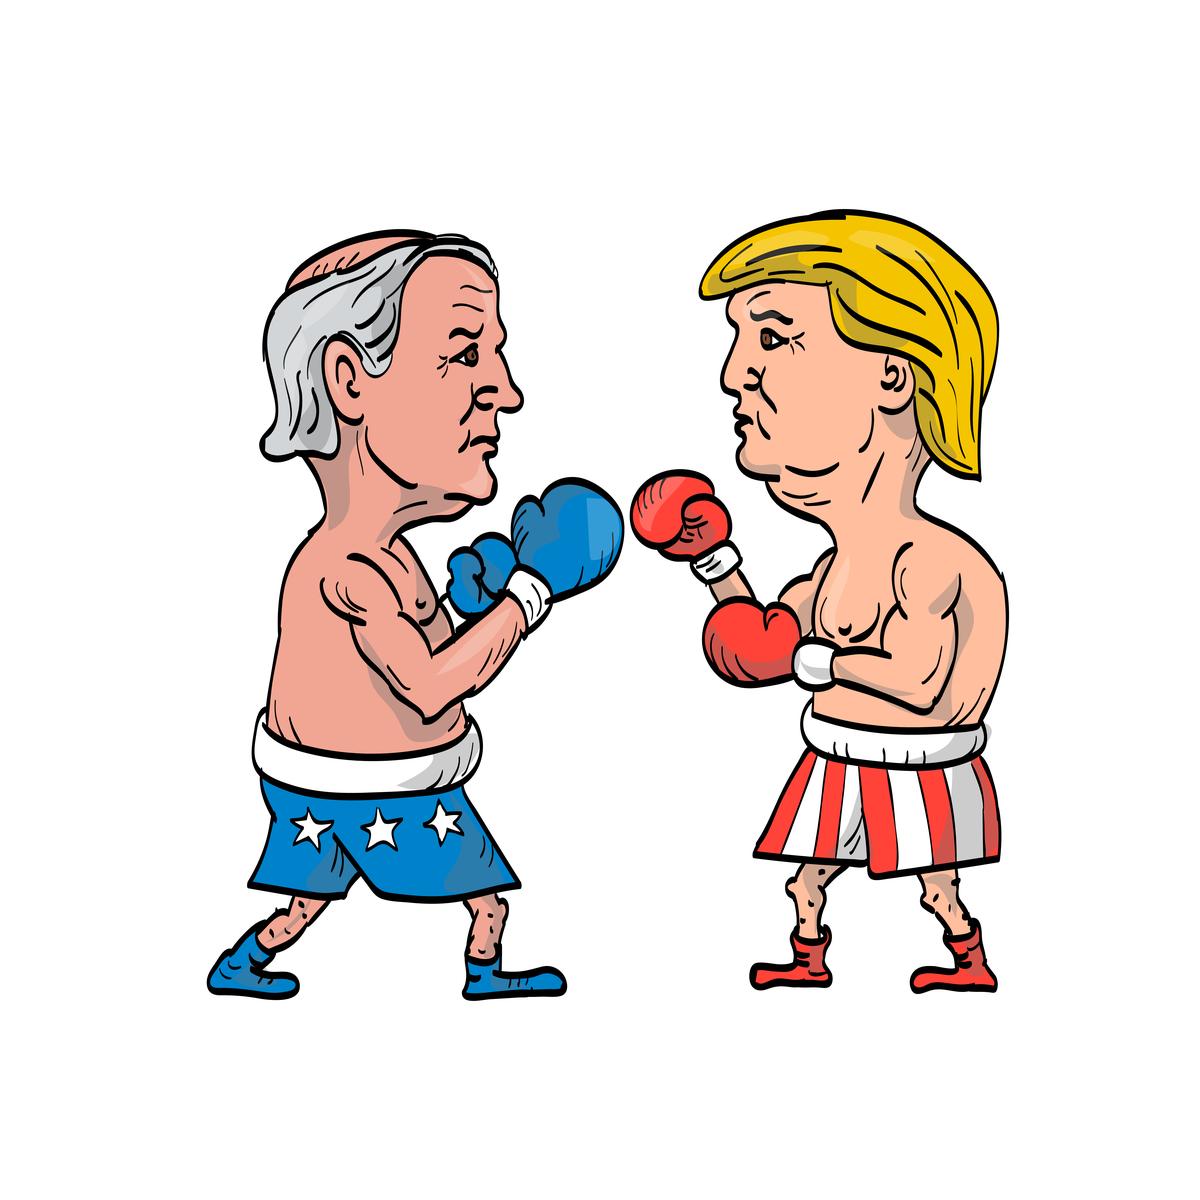 Trump vs Biden, first round